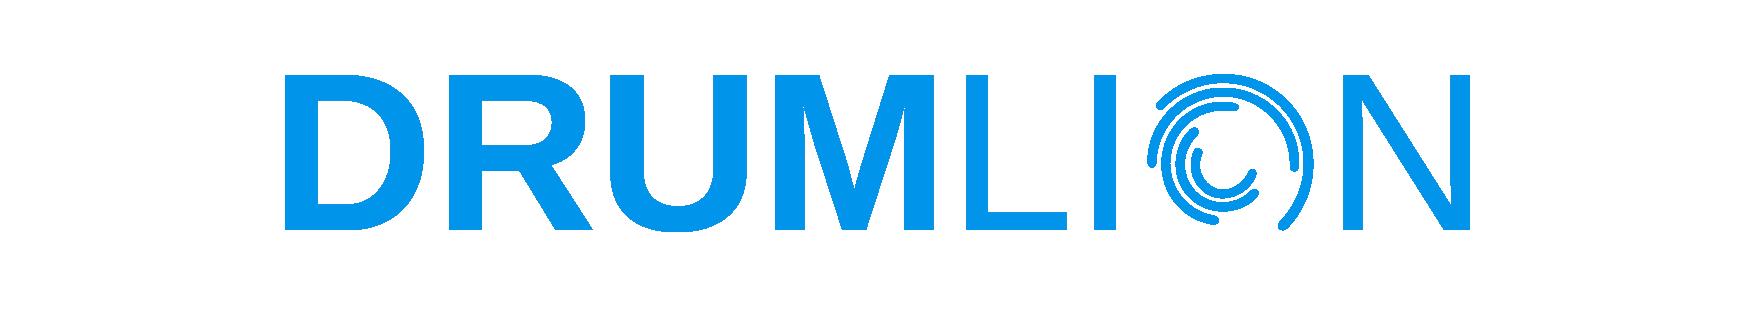 Logo_DrumLion_einfarbig_hellblau-01